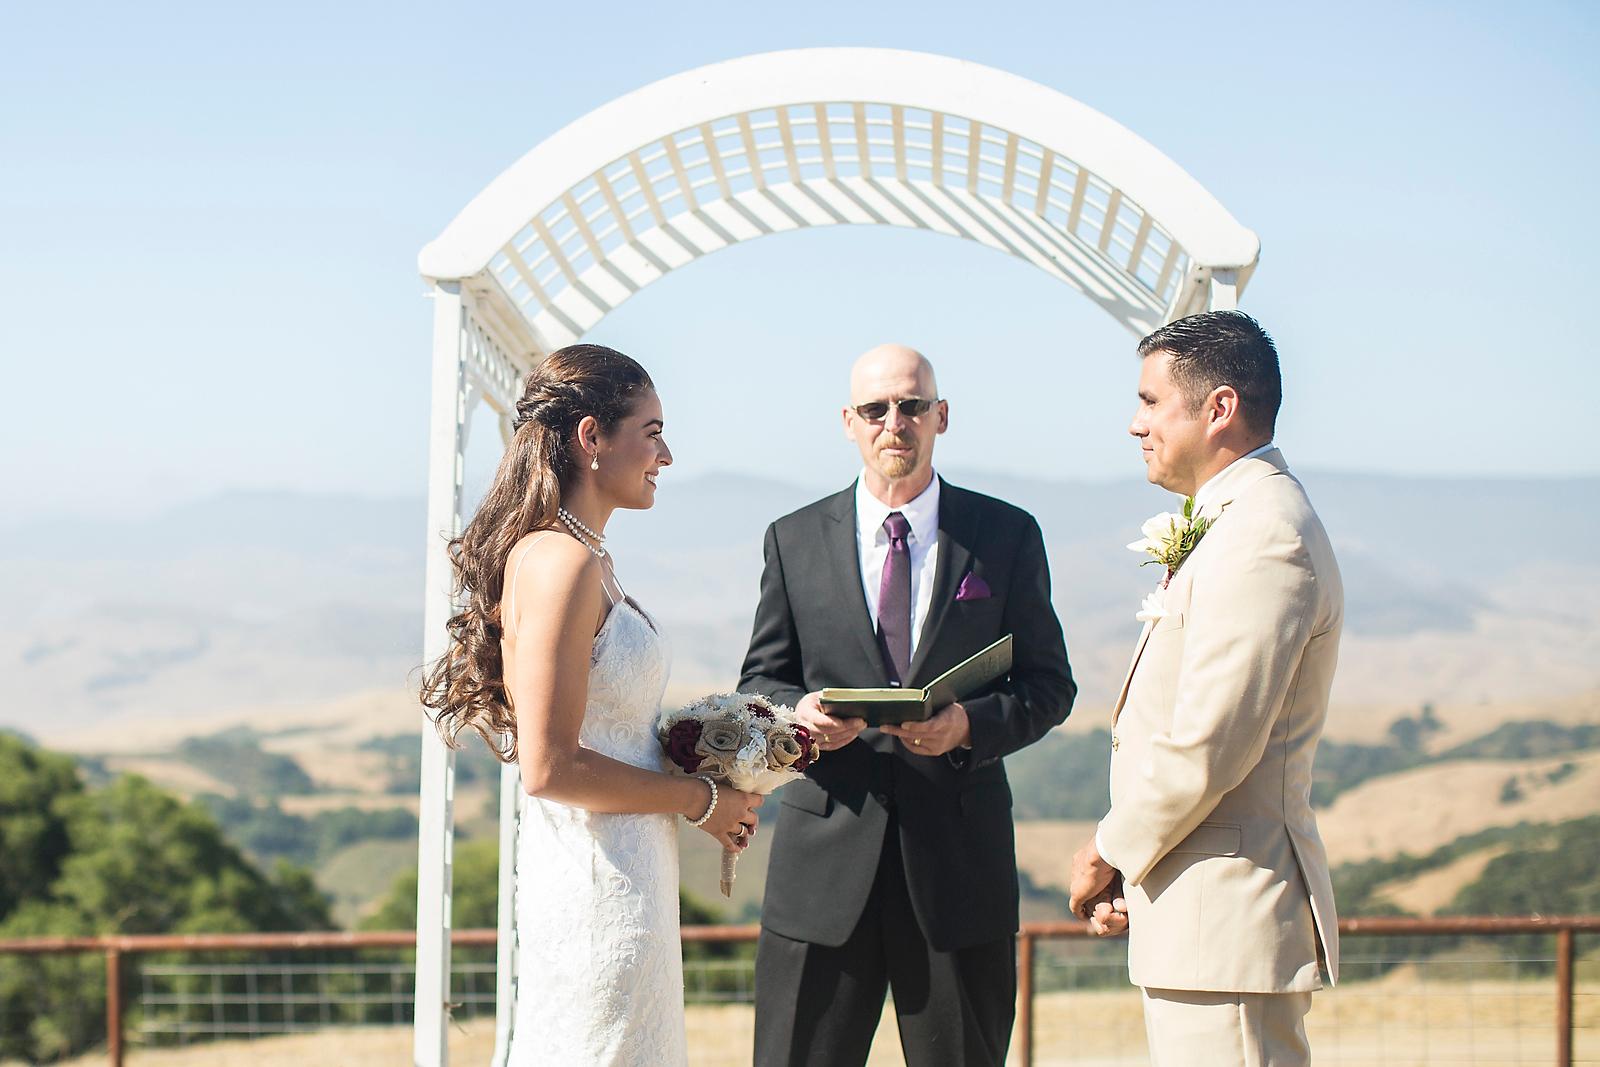 a_Ryan+Allyson_Renoda Campbell Photography_San Luis Obispo Wedding Photographer-9450